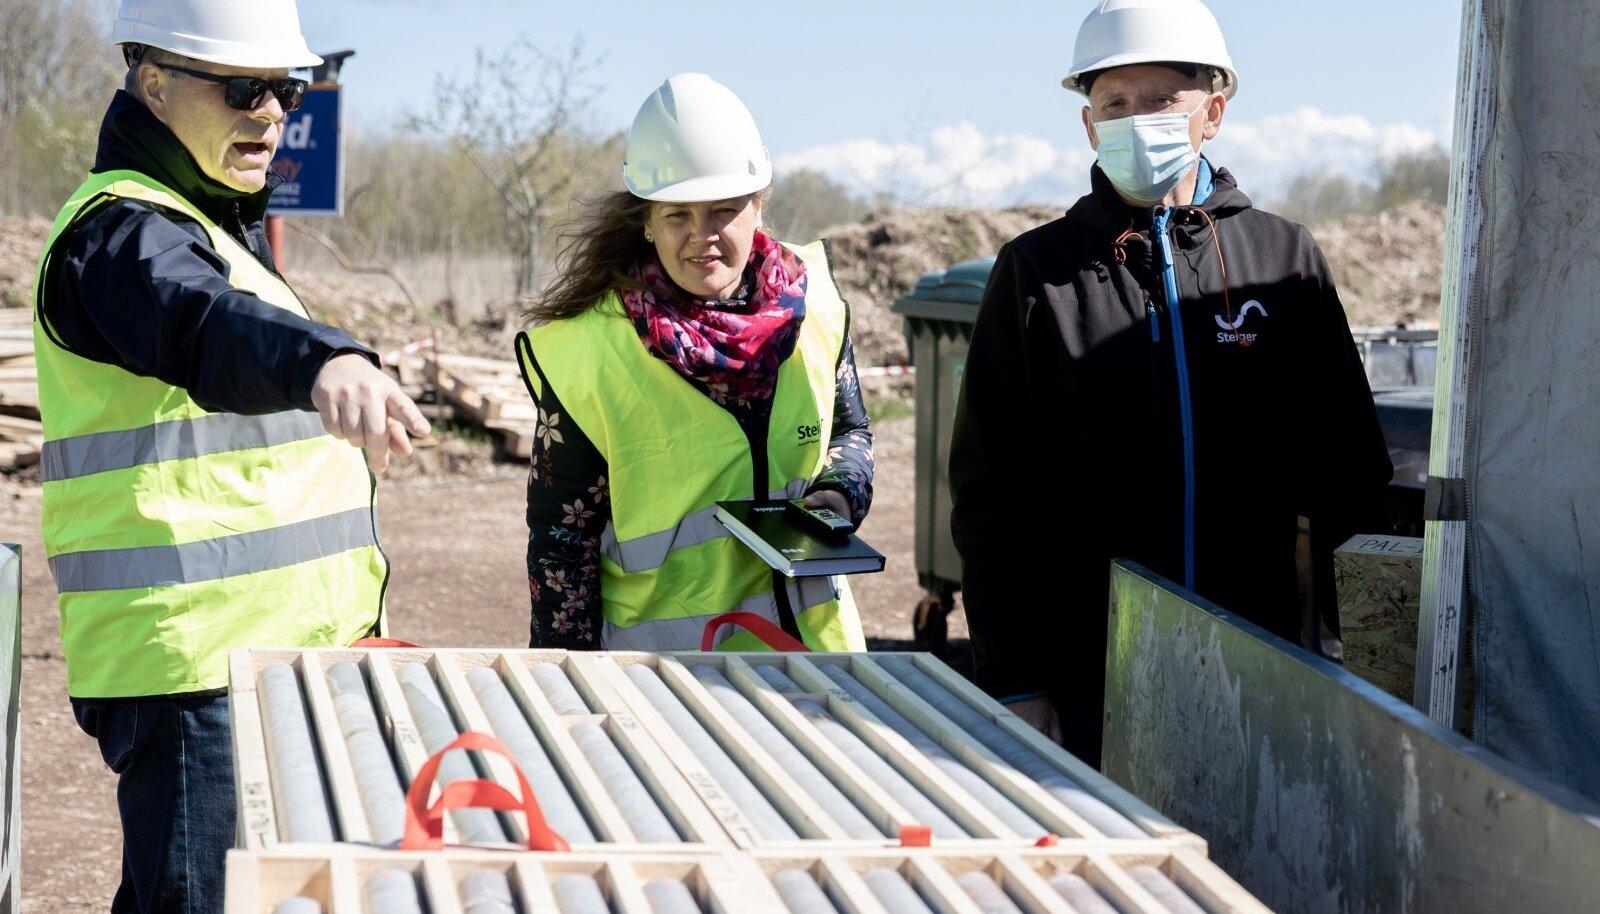 Energiasalv Pakri OÜ juht Peep Siitam (vasakul) ja inseneribüroo Steiger puurimisosakonna juht Meelis Peetris (paremal) näitasid möödunud teisipäeval loo autorile Paldiski külje all olevalt alalt välja puuritud puursüdamikke.